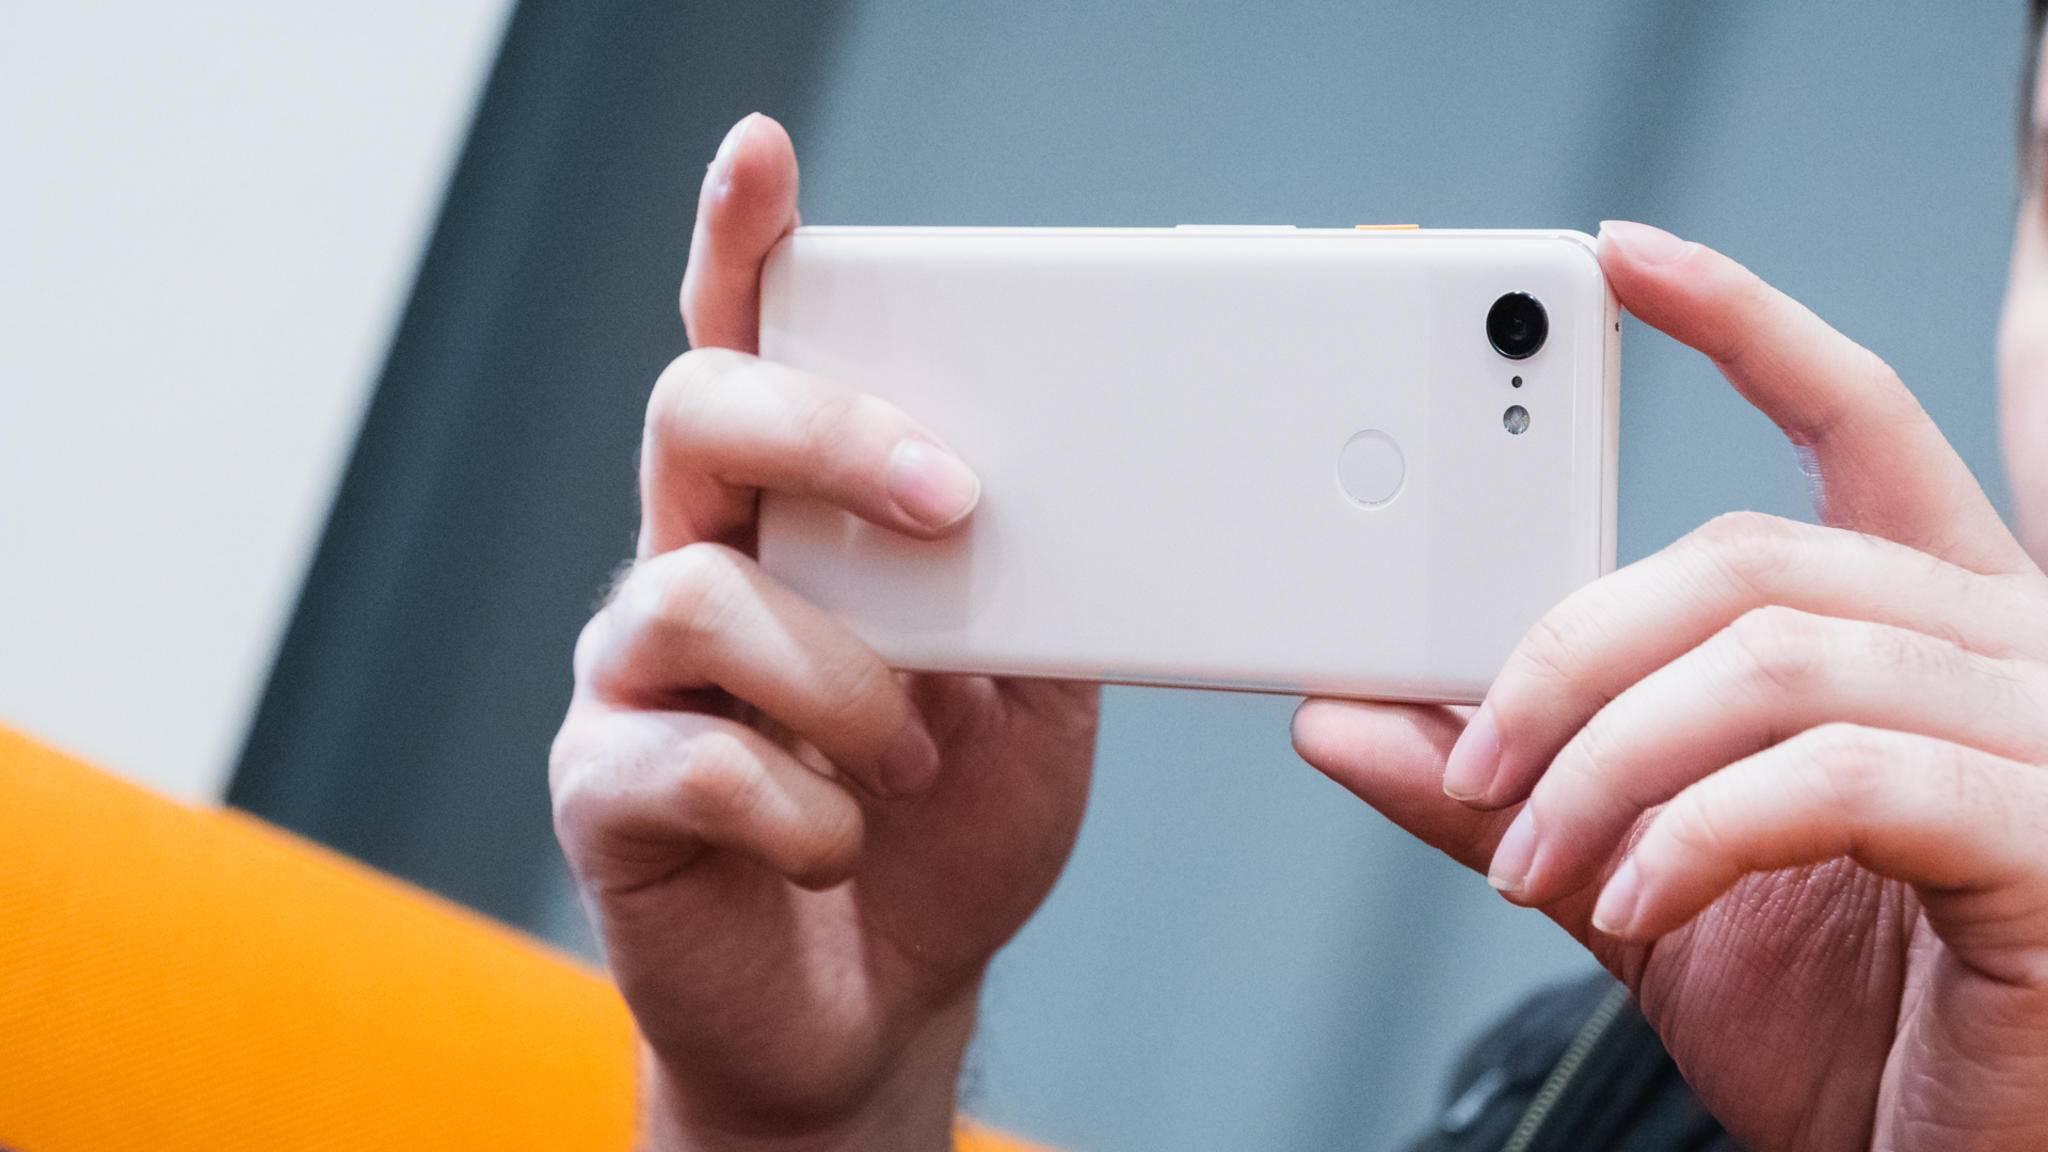 Das Google Pixel 3 (im Bild) wird durch einen Mittelklasse-Ableger ergänzt.